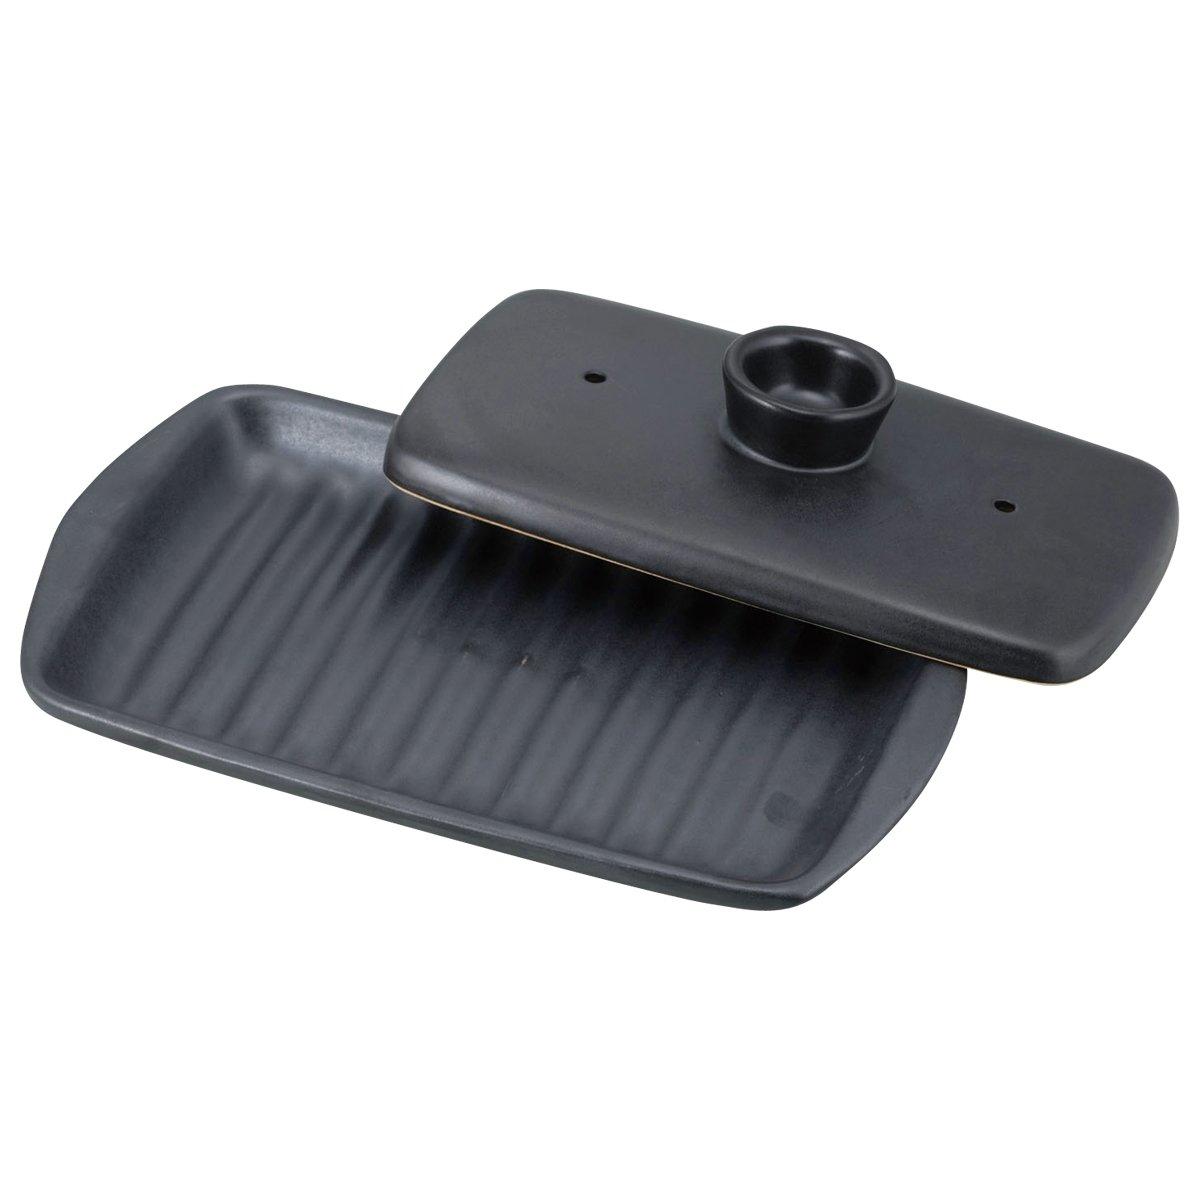 【電子レンジで発熱するお皿!】 焼けるんプレート 両面焼き角型 ブラック YR-6018